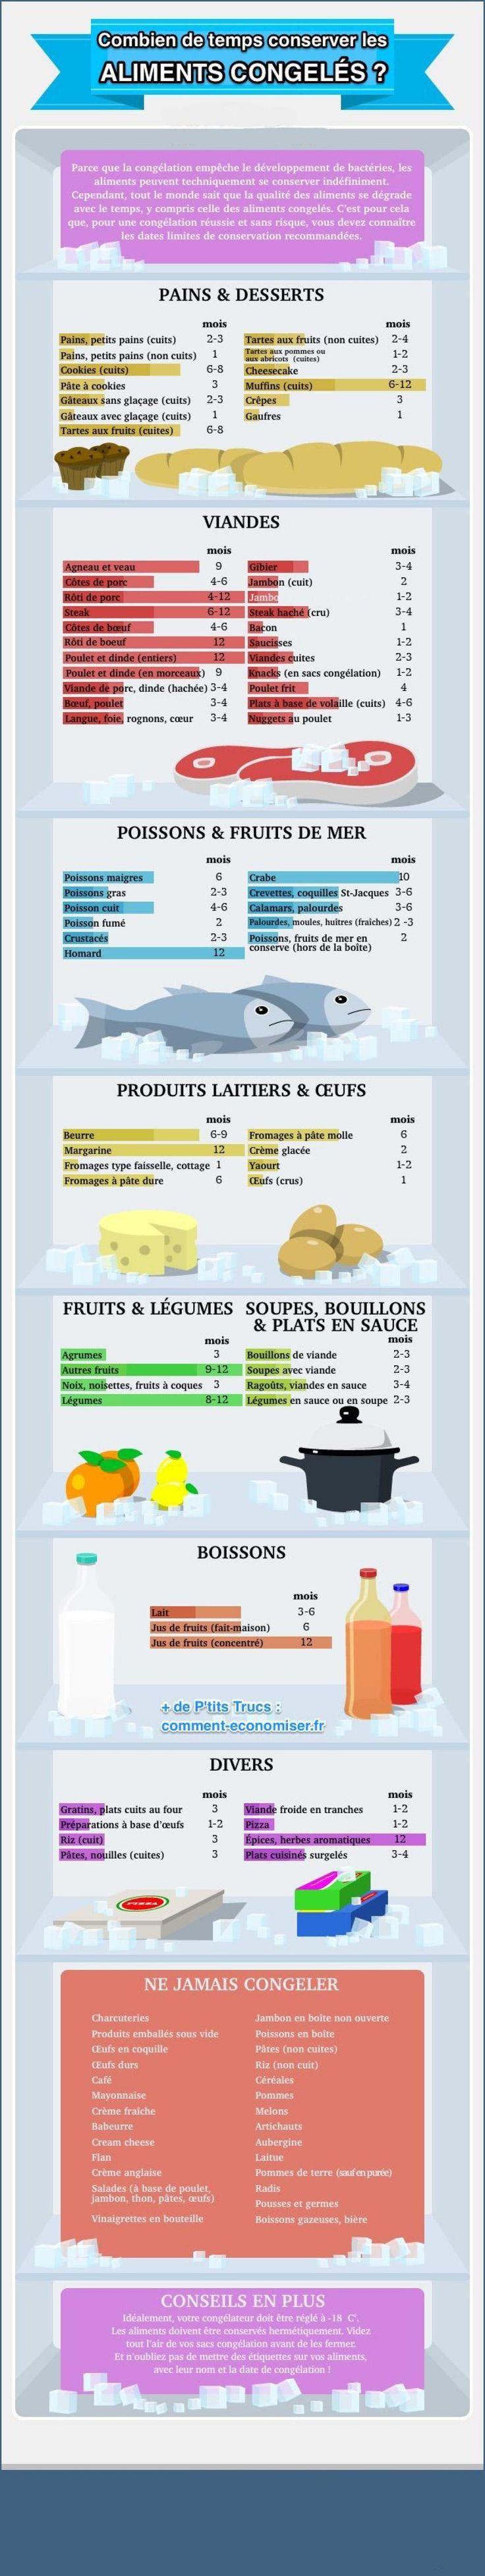 Combien de temps peut-on converser les aliments au congélateur? Un guide pratique à conserver! - Trucs et Bricolages